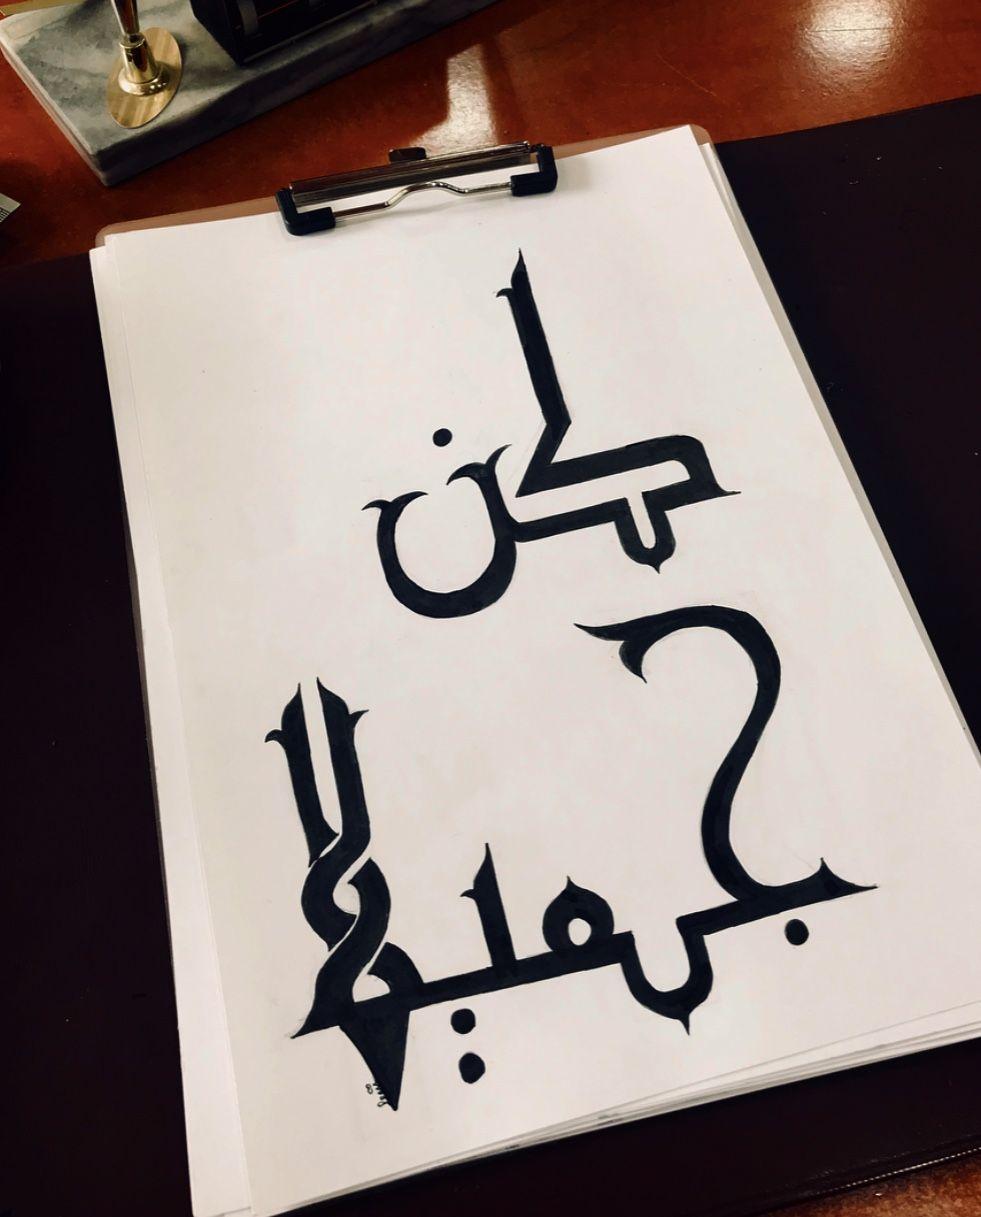 ترى الوجود جميلا خط عربي كتابه اقتباسات Flask